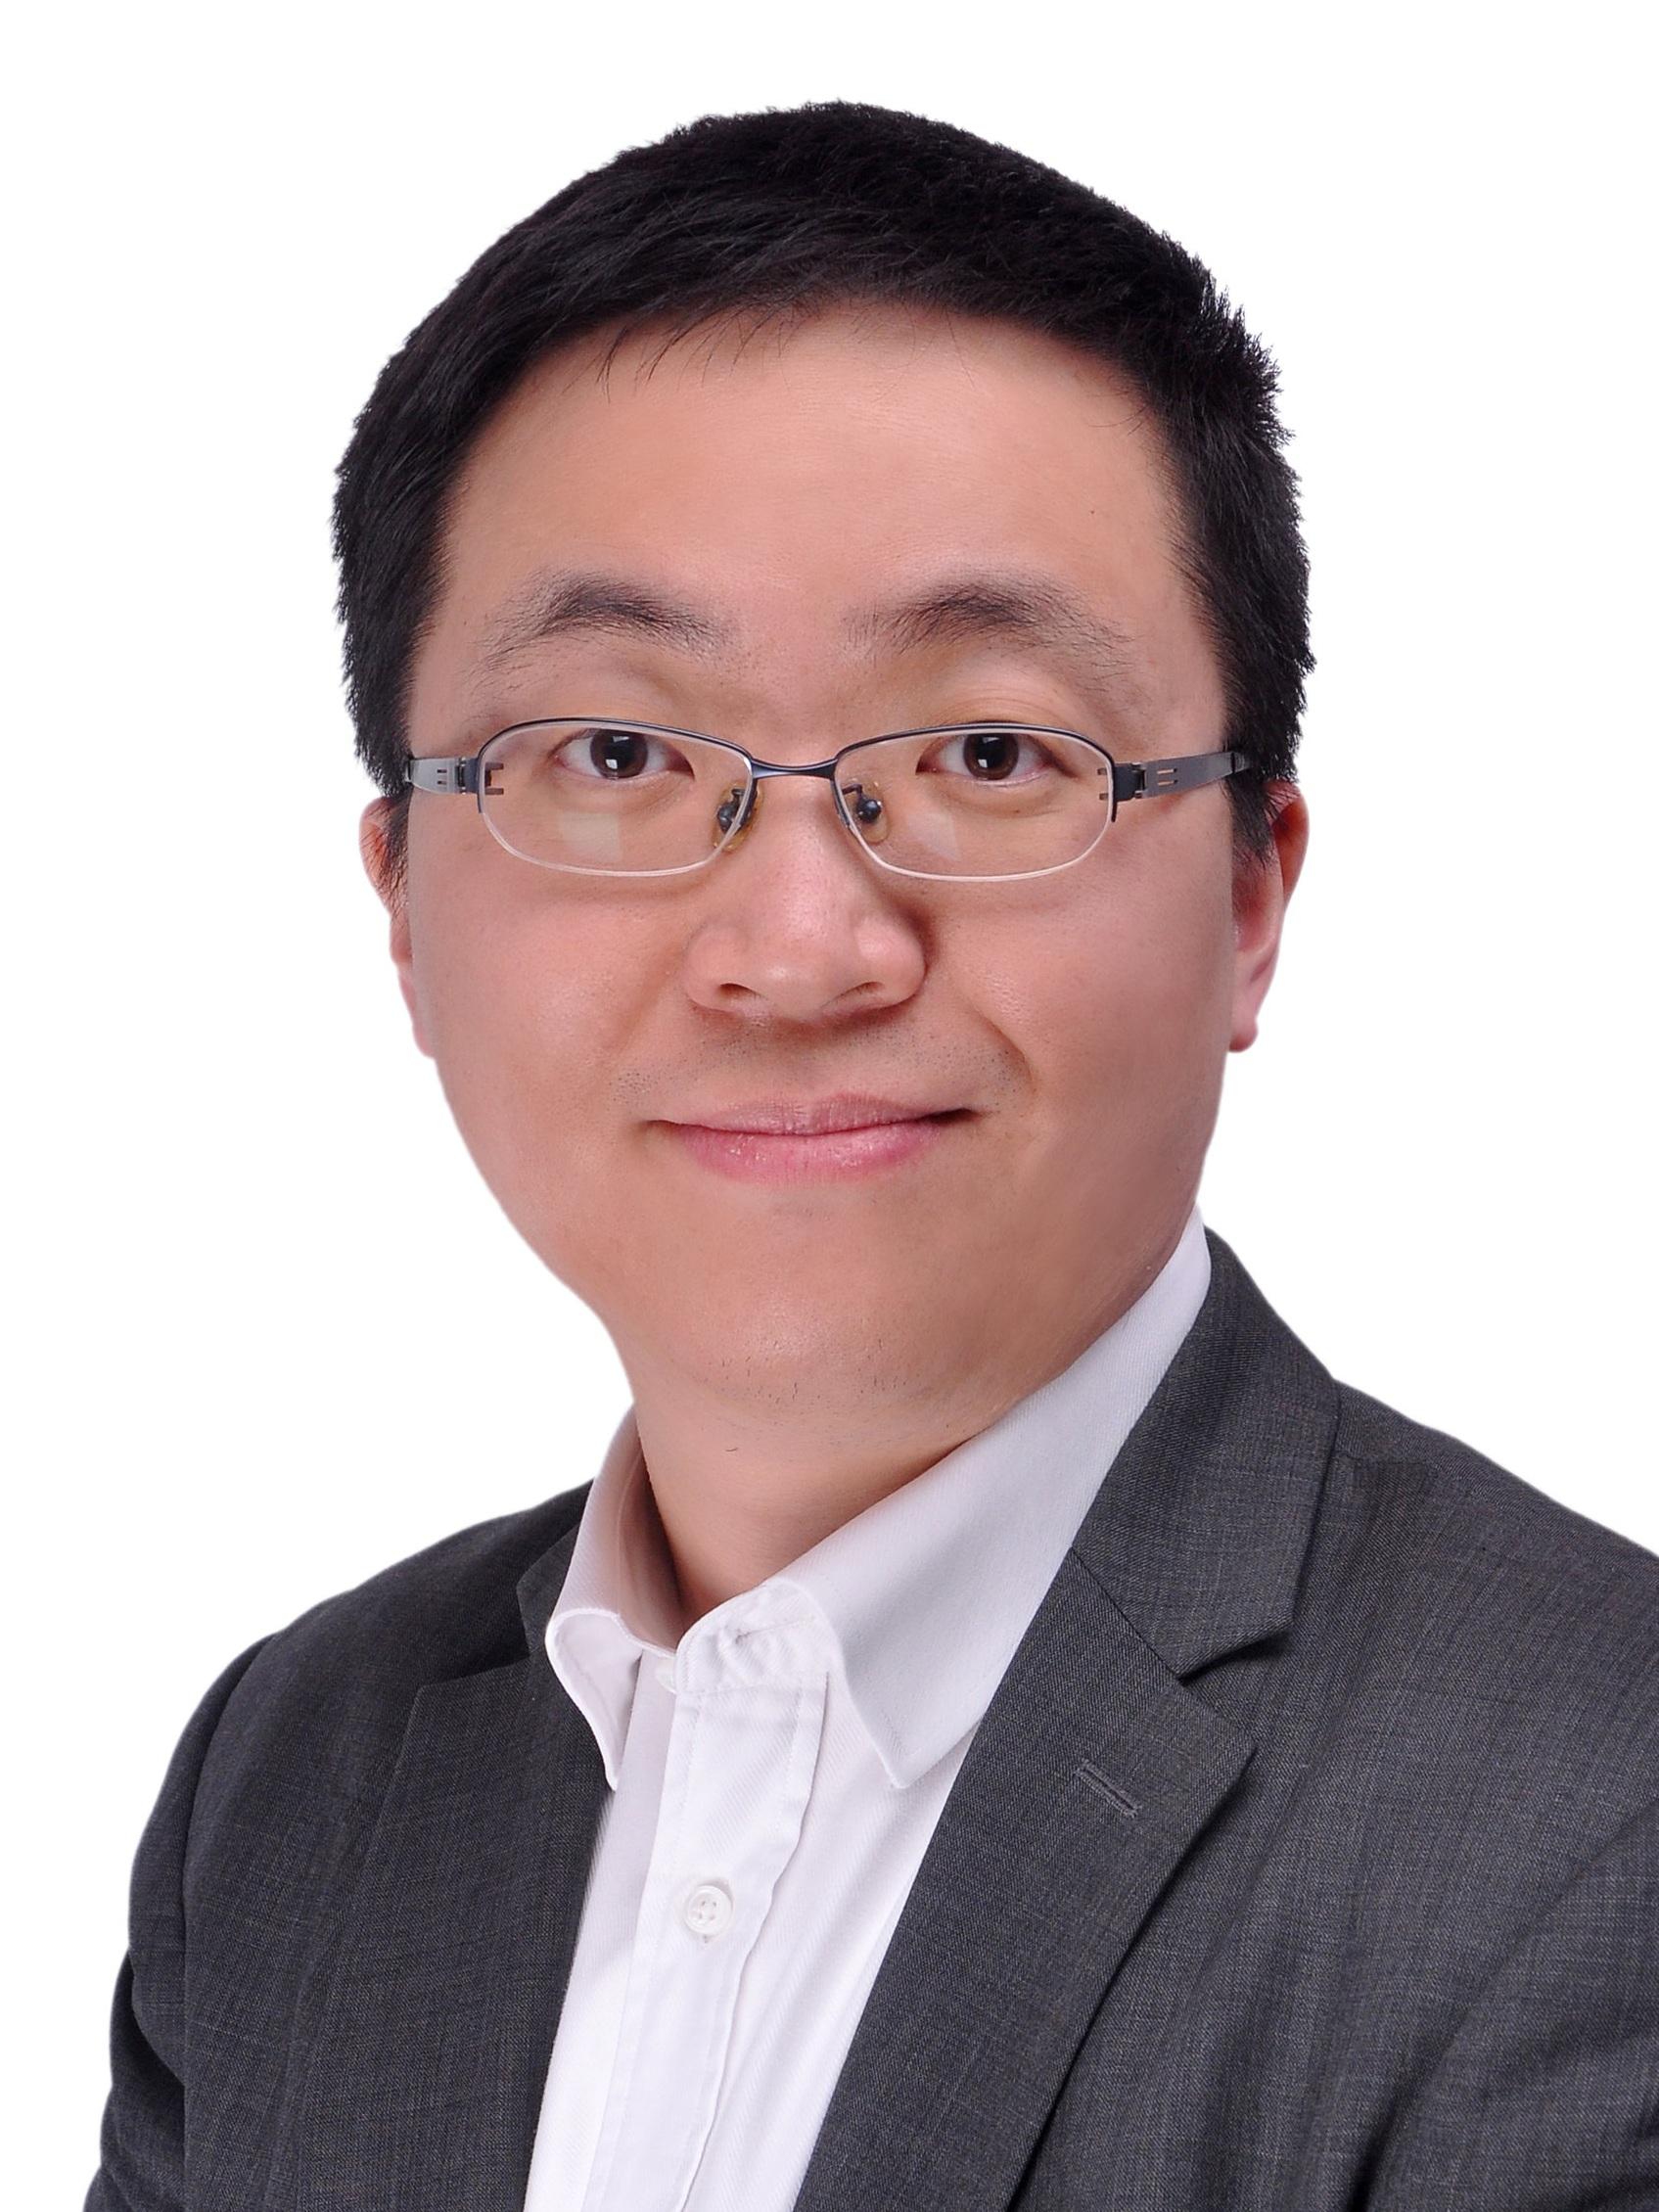 Michae+Chen+-+Man+Group+%E9%99%88%E8%82%96%E5%8D%97+%282018-04-02%29.jpg